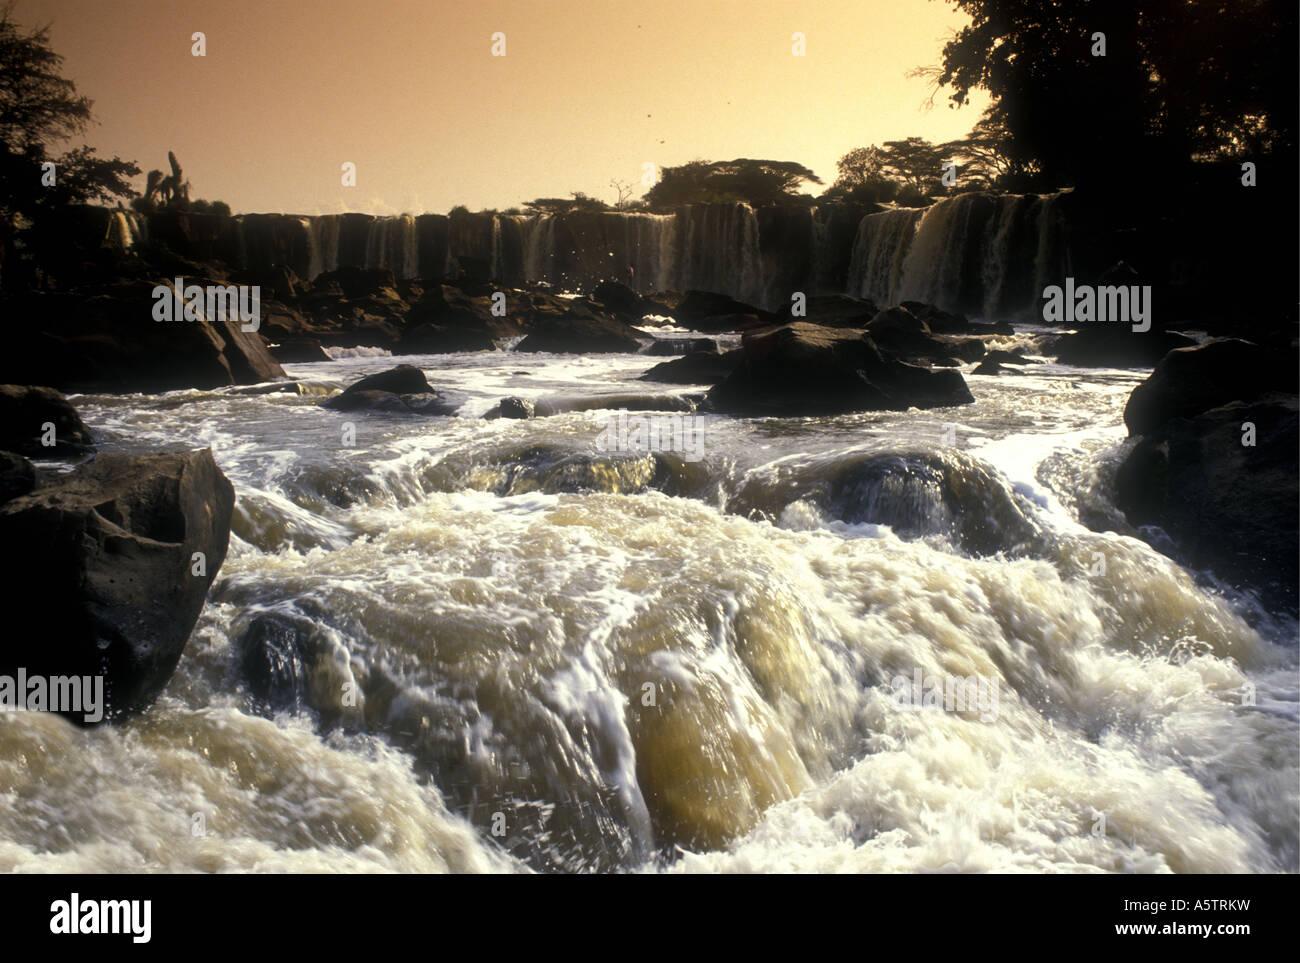 Quatorze Falls sur l'Athi River près de Thika Kenya Afrique de l'Est Photo Stock